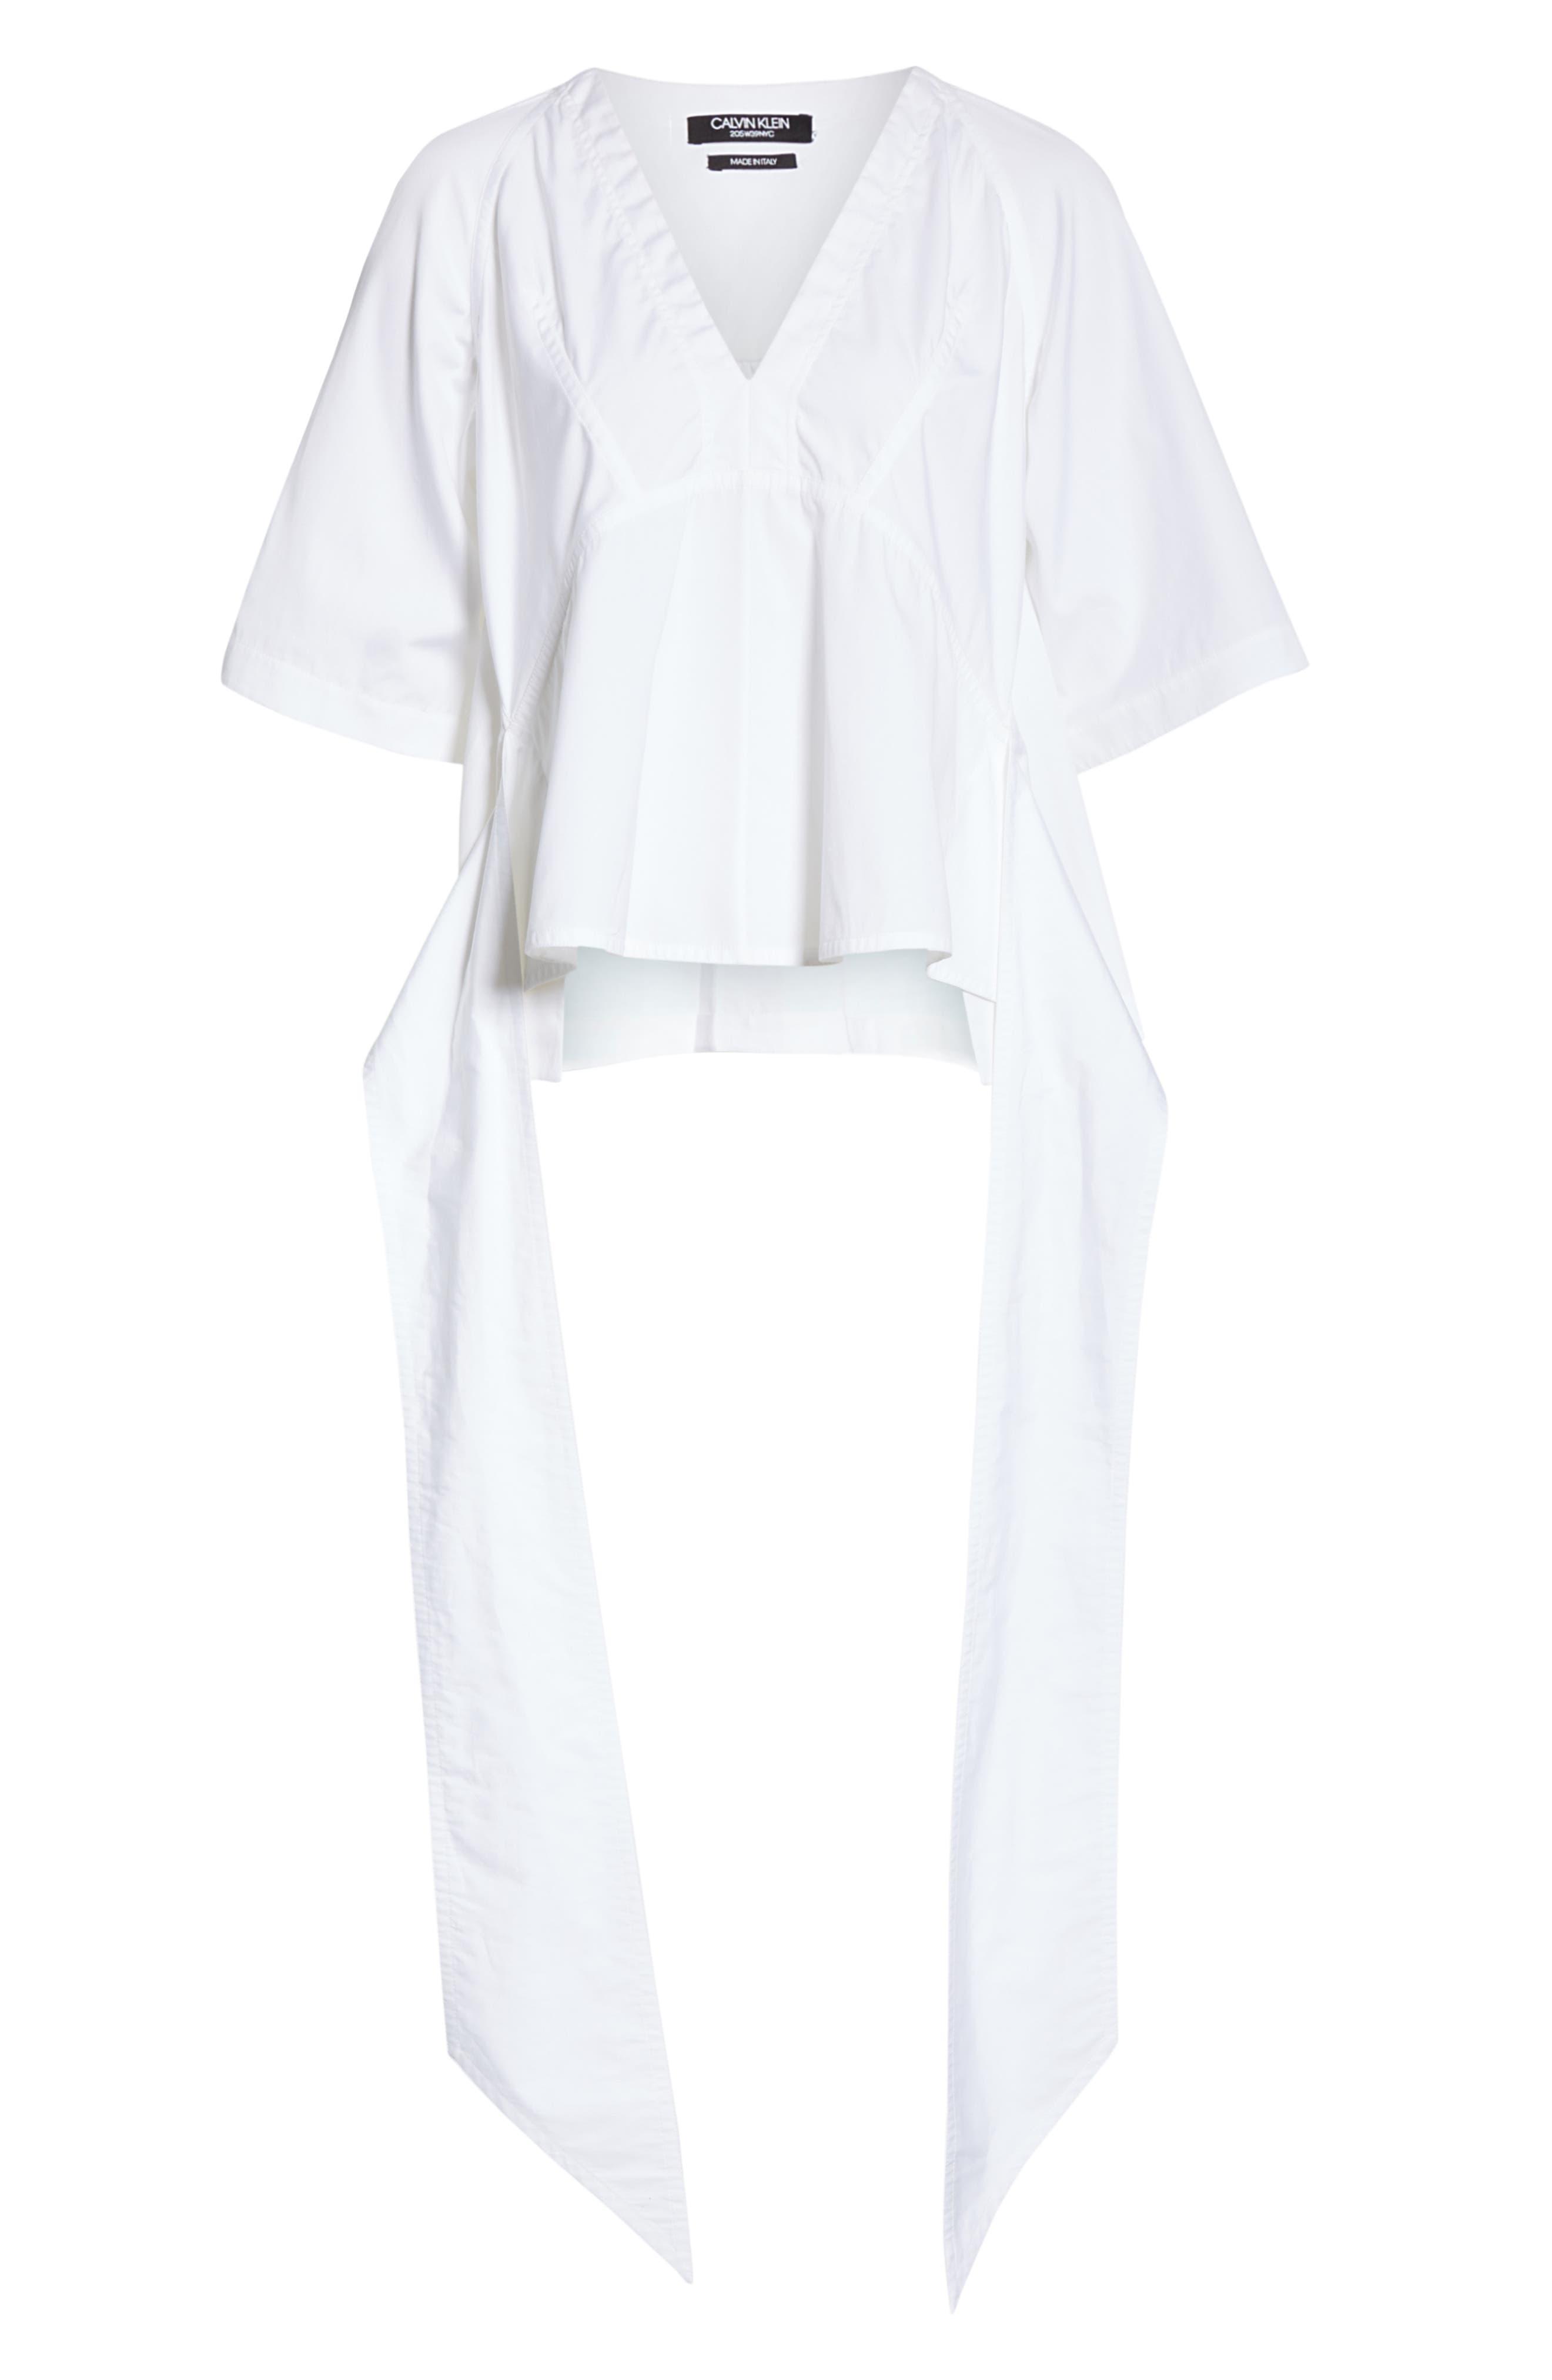 CALVIN KLEIN 205W39NYC, Sash Detail Cotton Poplin Top, Alternate thumbnail 7, color, OPTIC WHITE